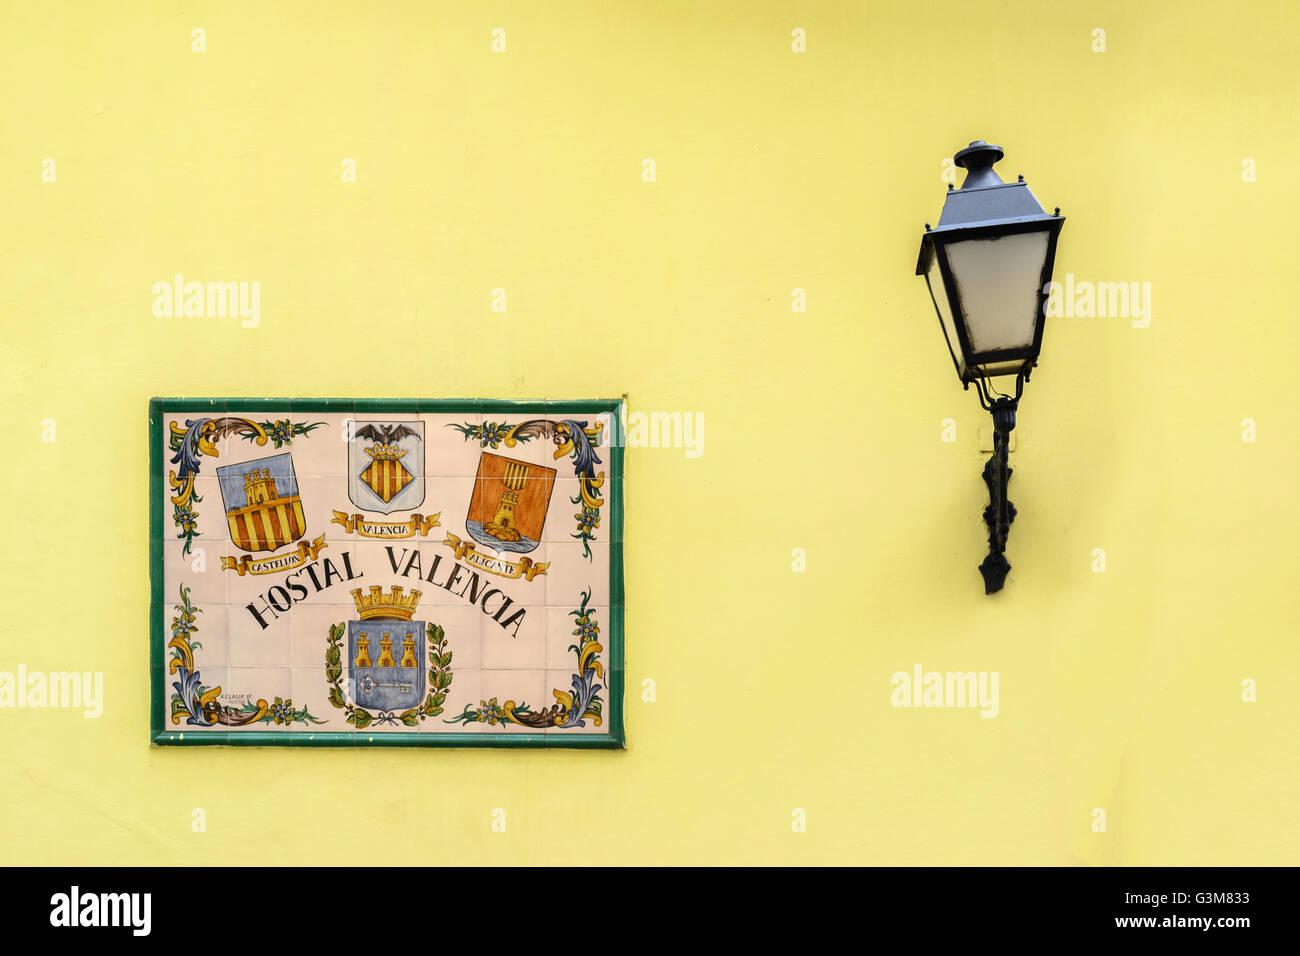 Affiche murale traditionnelle cubaine et de la lanterne à l'extérieur de l'hôtel Valencia, Calle de los Oficios, la vieille Havane, Cuba Banque D'Images